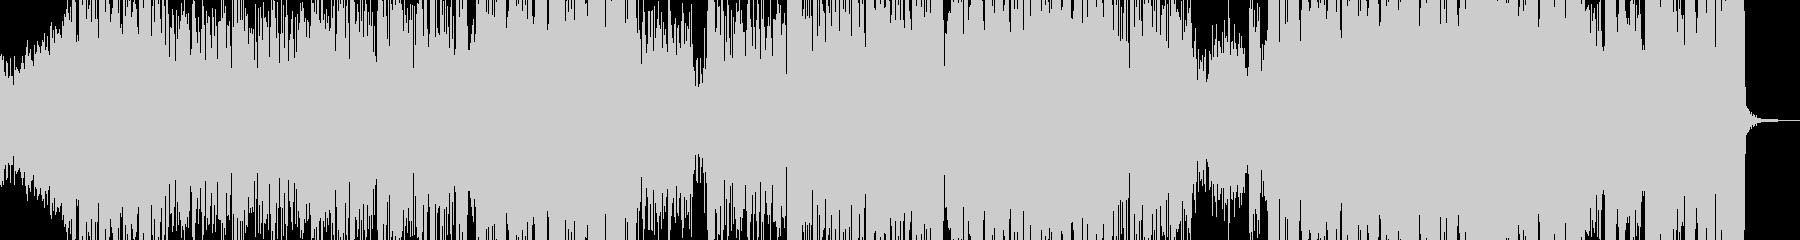 アシッドなダークトラックの未再生の波形